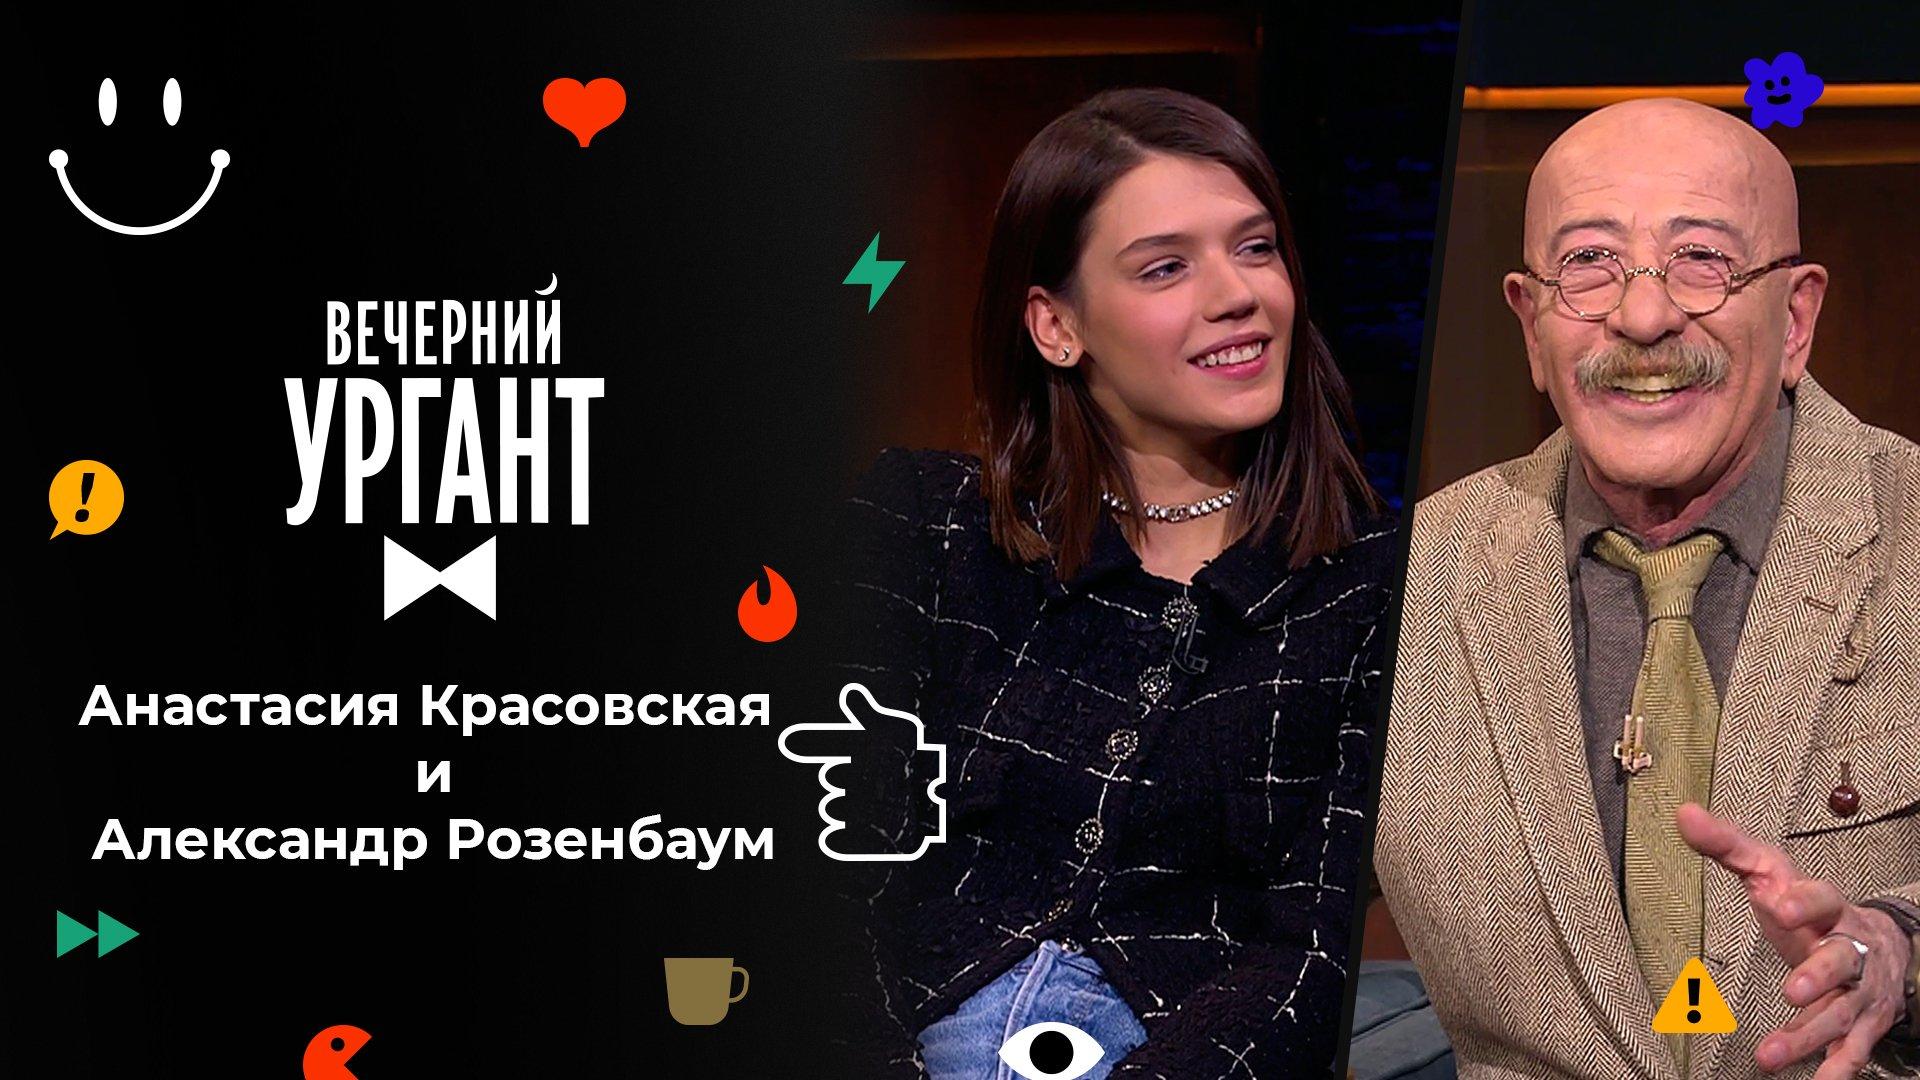 «Вечерний Ургант». Анастасия Красовская иАлександр Розенбаум